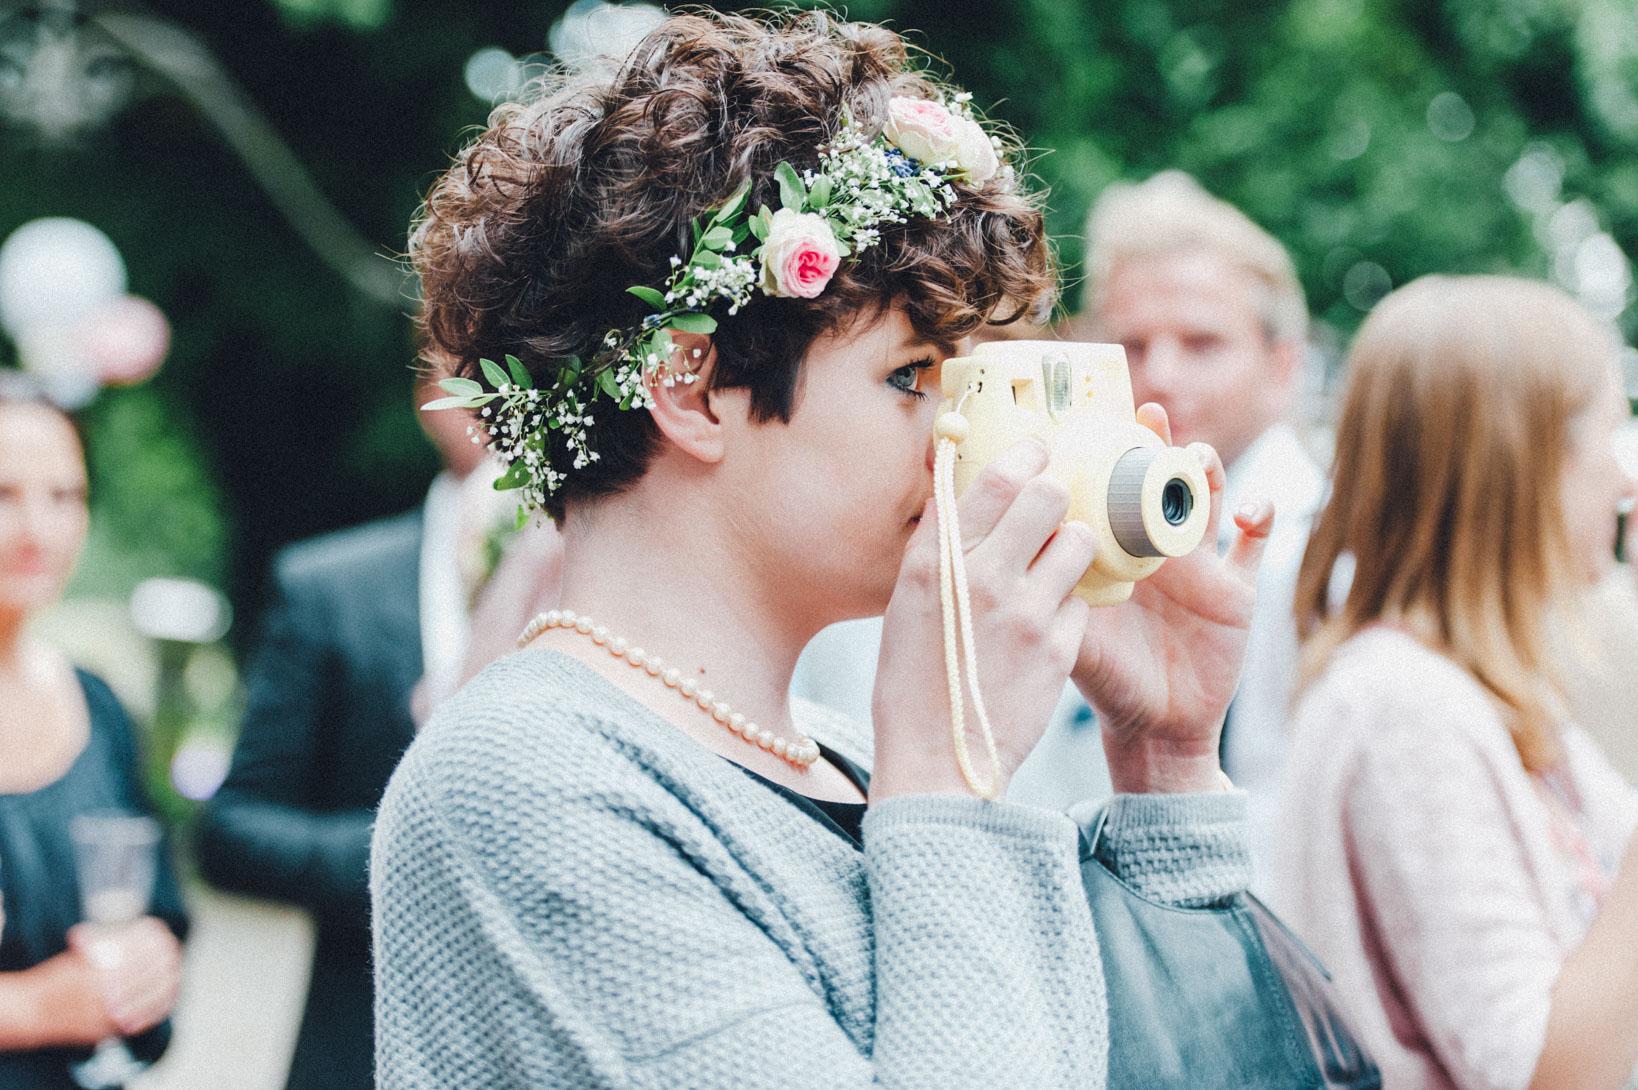 DIY-Hochzeit-gold-VW-Bully-72 Janet & Pierre DIY Midsummer-Wedding in Gold mit VW BulliDIY Hochzeit gold VW Bully 72